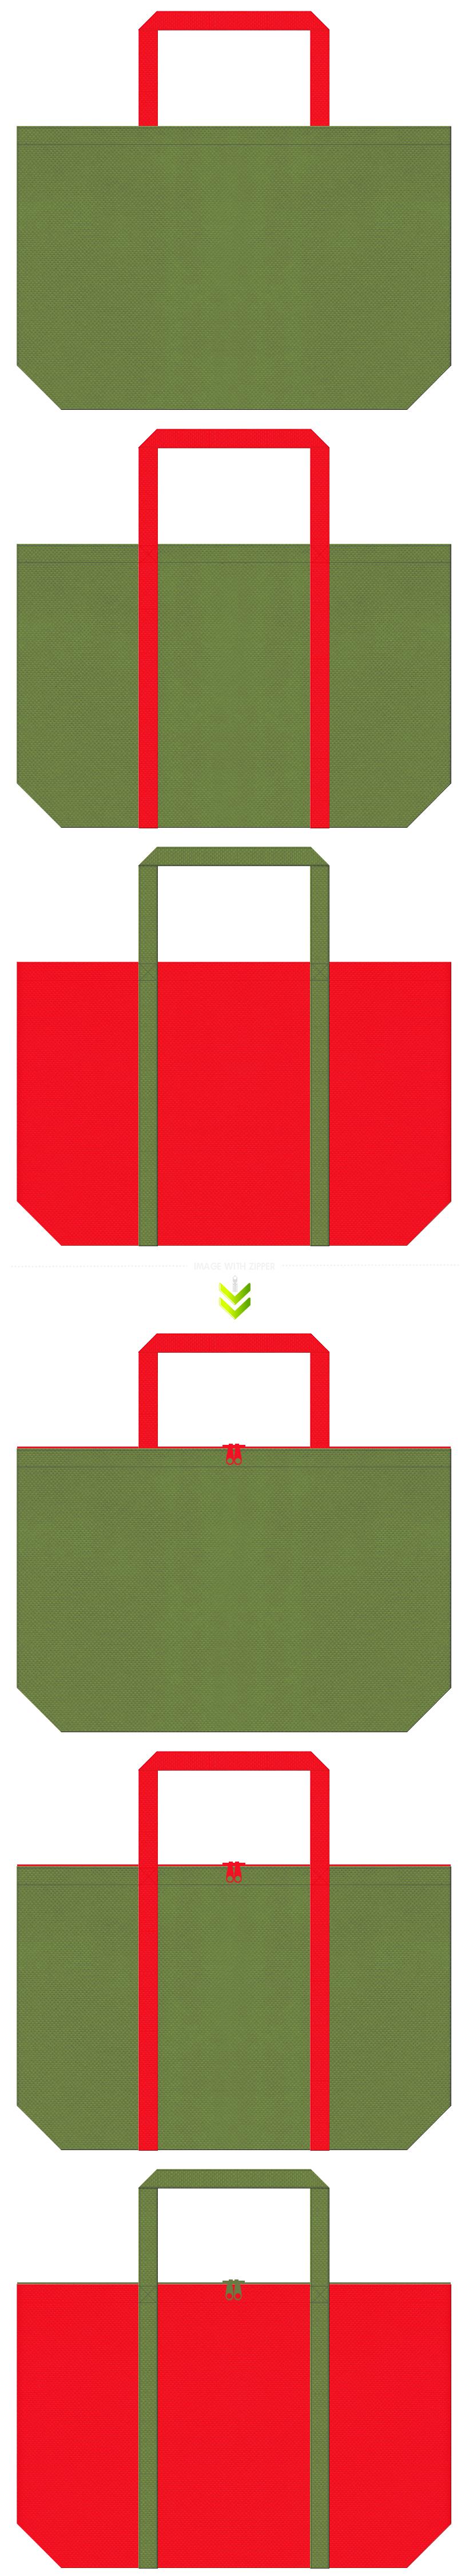 草色と赤色の不織布バッグデザイン。和雑貨のショッピングバッグや、茶会、野点傘のイメージにお奨めです。